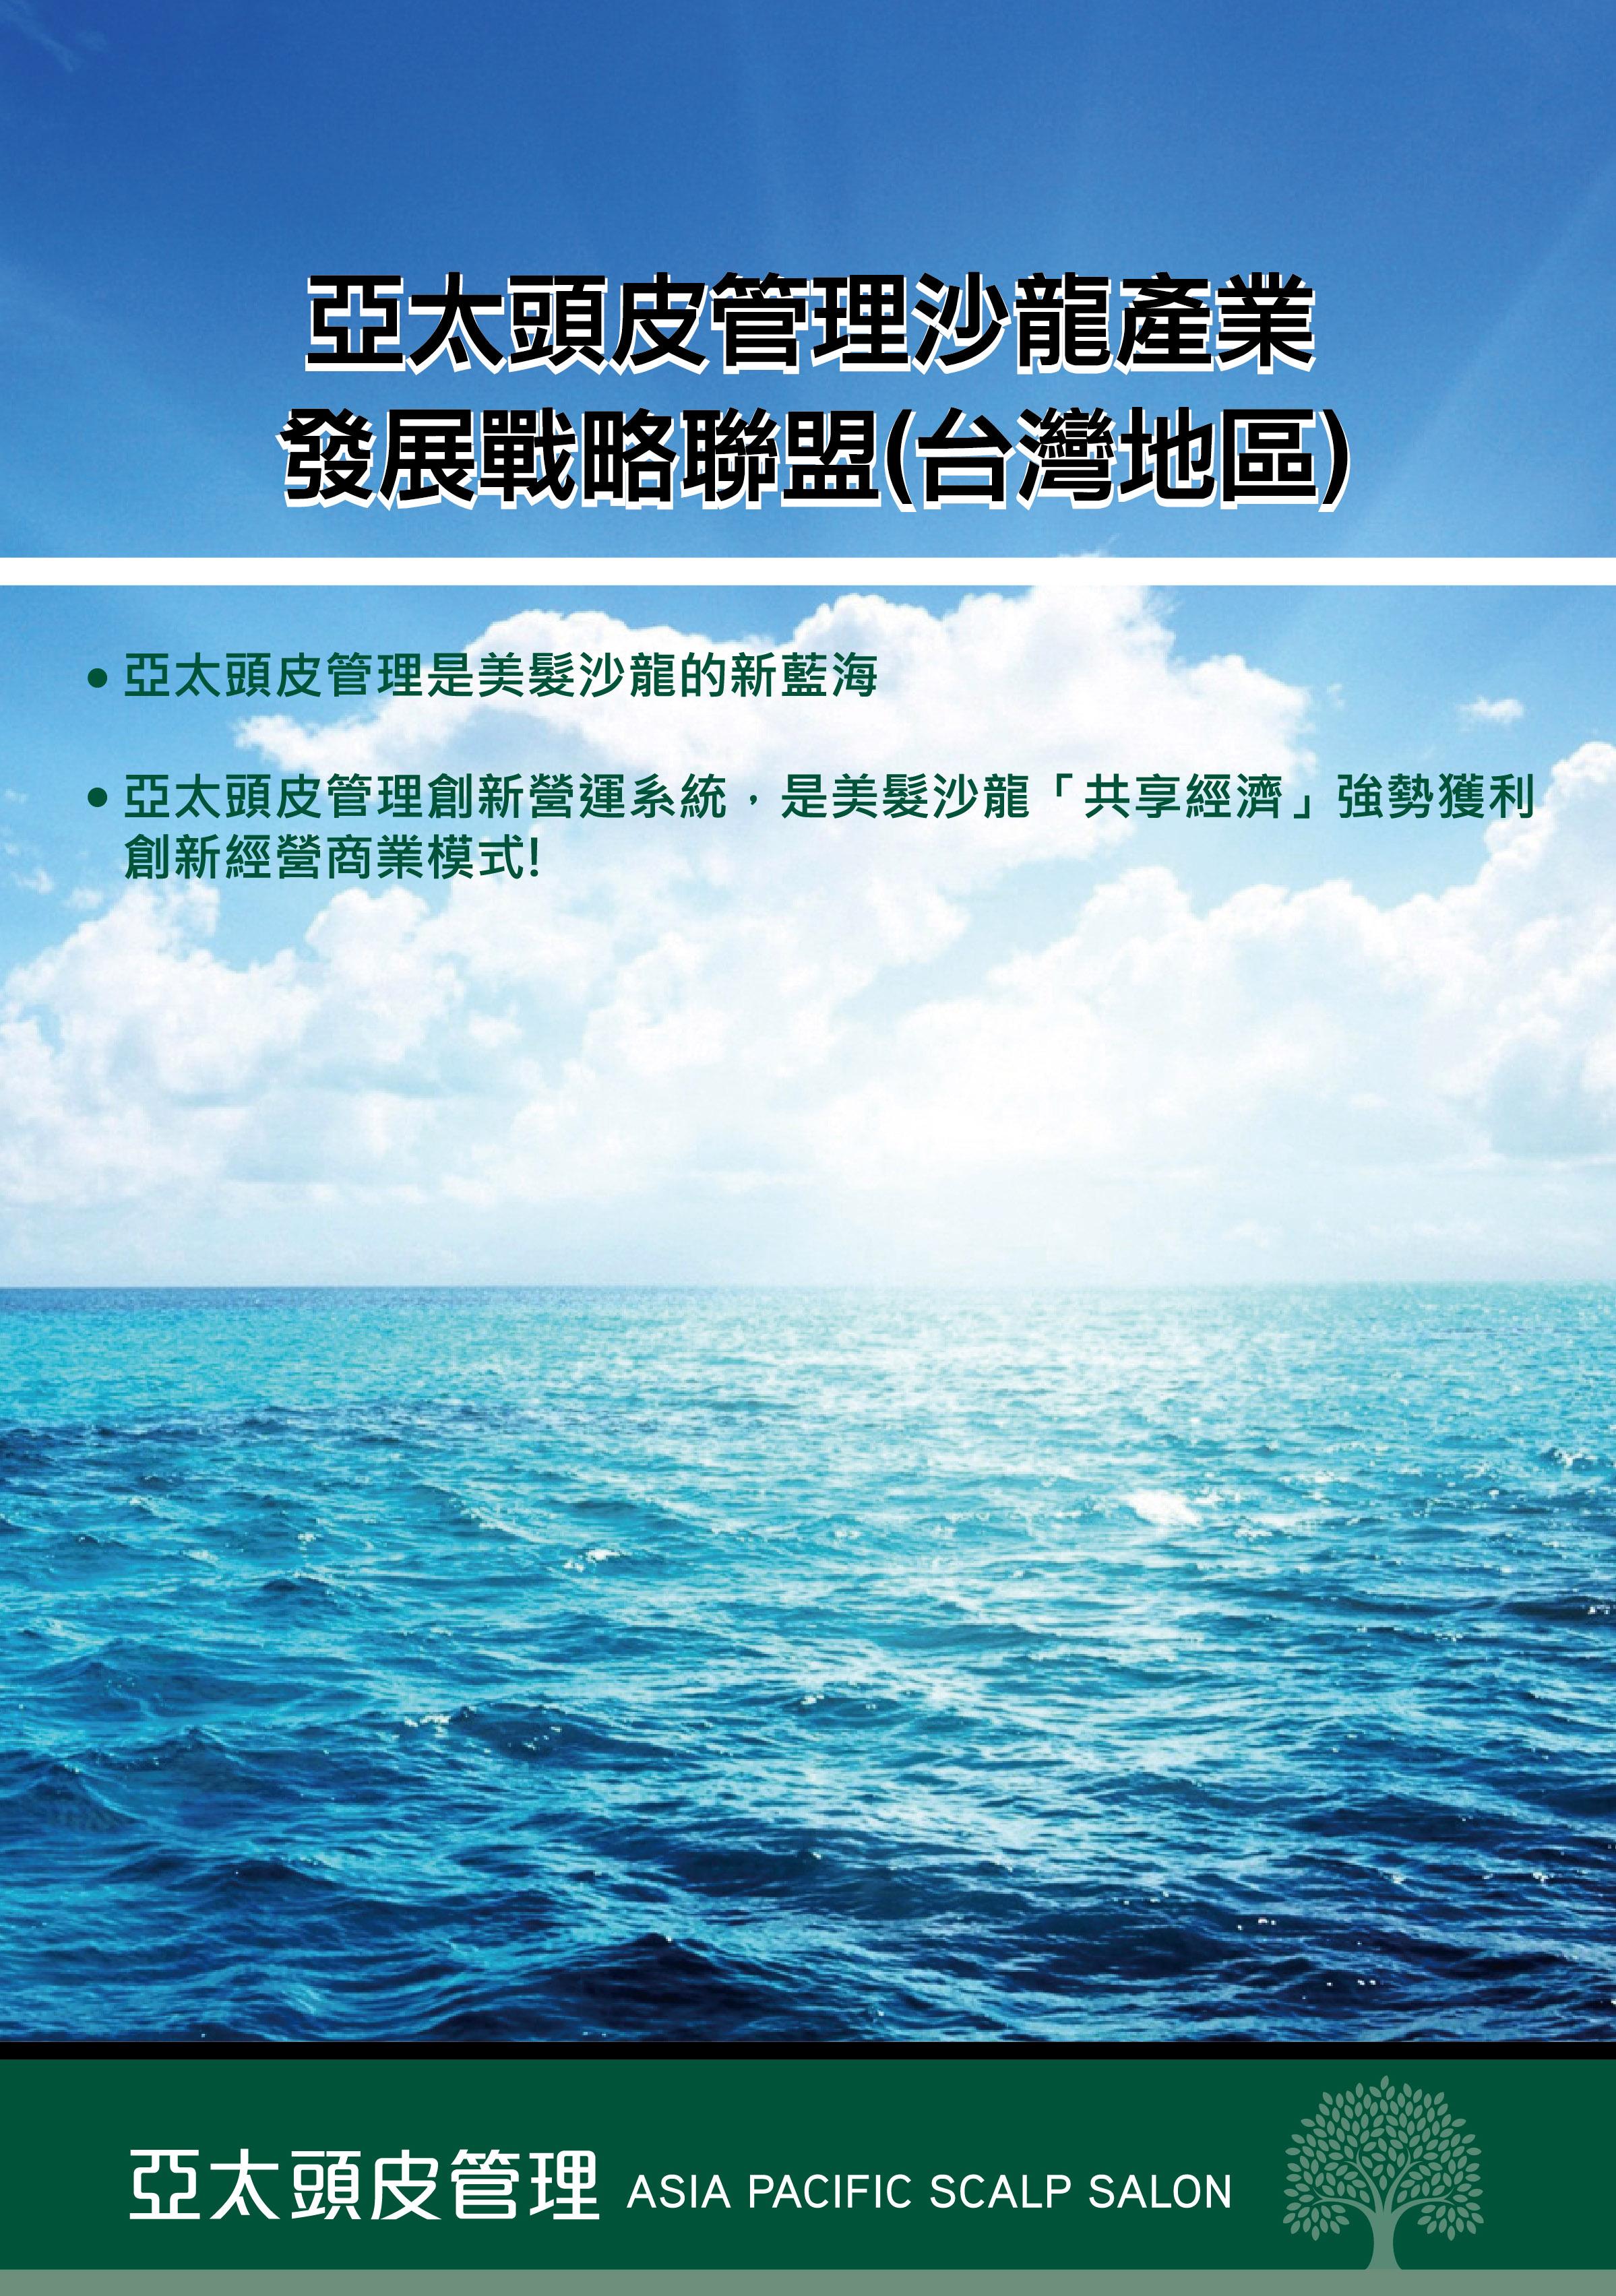 亞太頭皮管理藍海20180531-轉外框